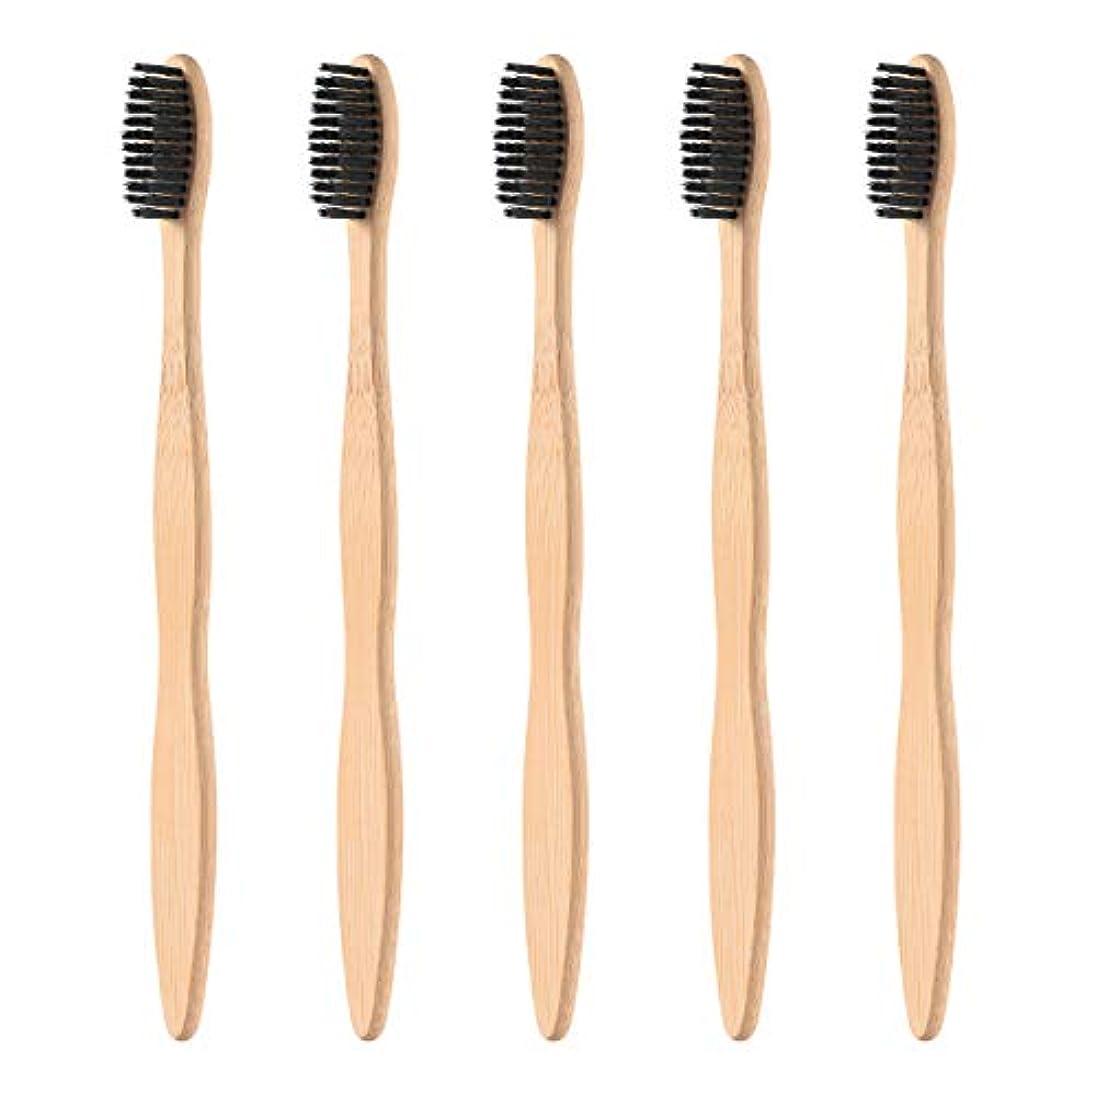 あたり長くする抗生物質Healifty 柔らかい黒い剛毛が付いている5pcsタケハンドルの歯ブラシの自然な木のEcoの友好的な歯ブラシ